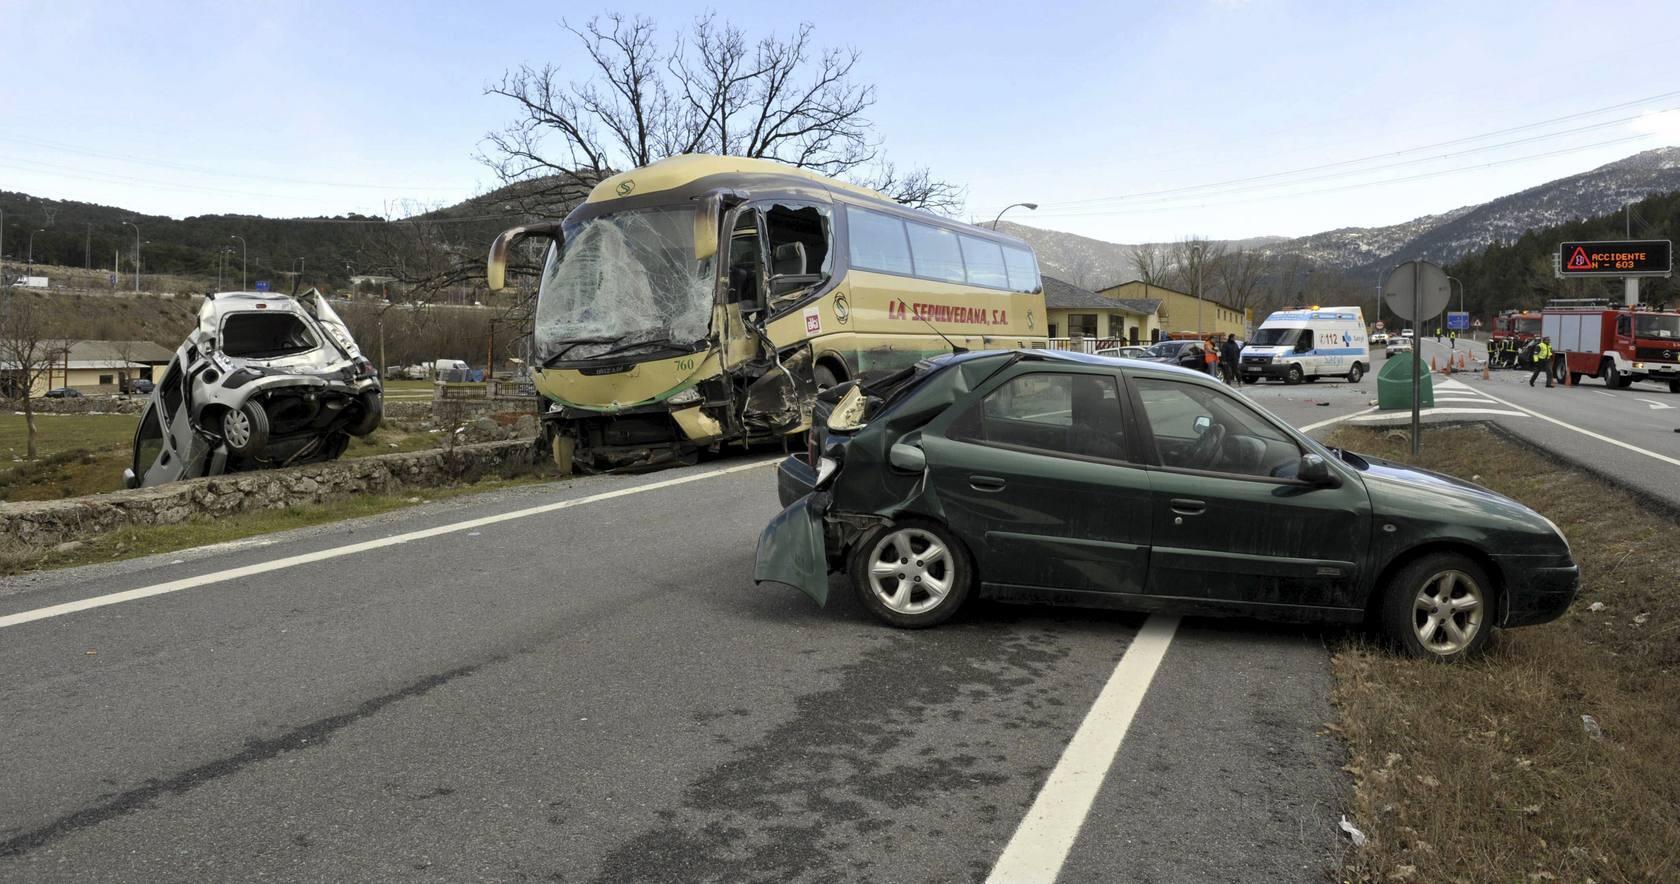 Galería de imágenes de accidentes mortales de autobús en Castilla y León